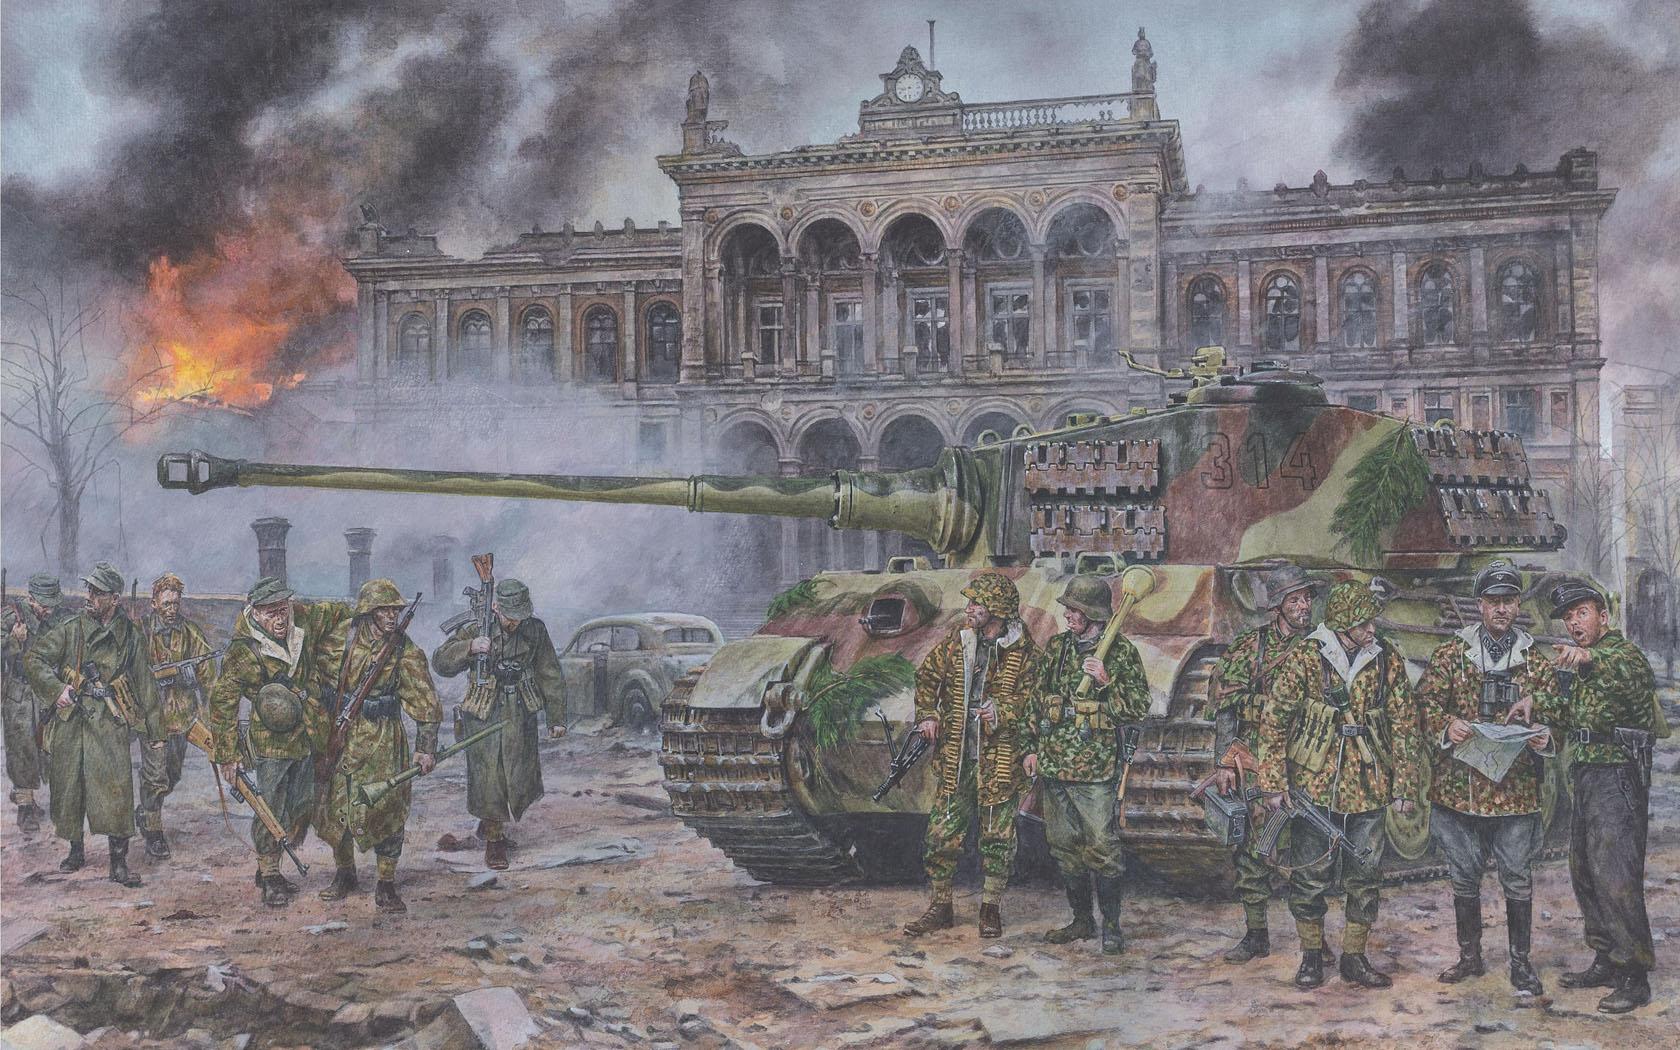 рисунок Последние Королевские тигры, Берлин, май 1945 года